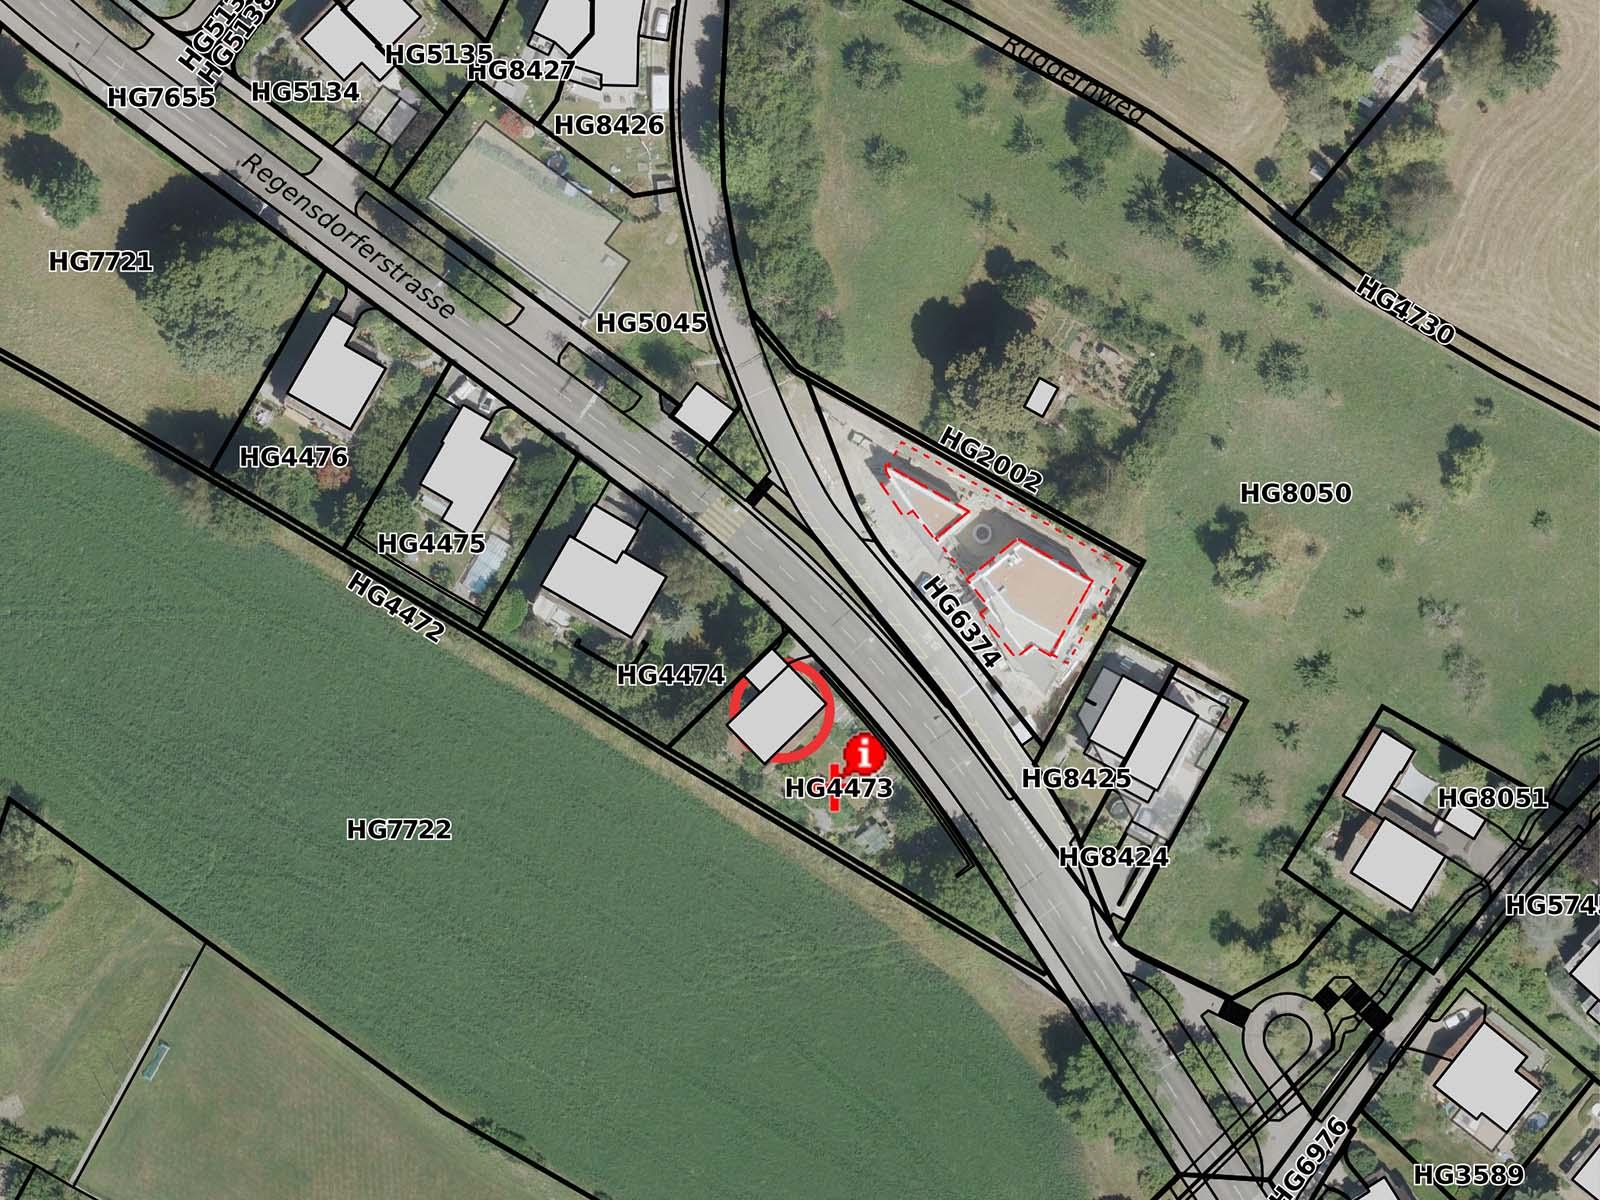 Das Grundstück an der Regensdorferstrasse 109 umfasst rund 800 Quadratmeter.